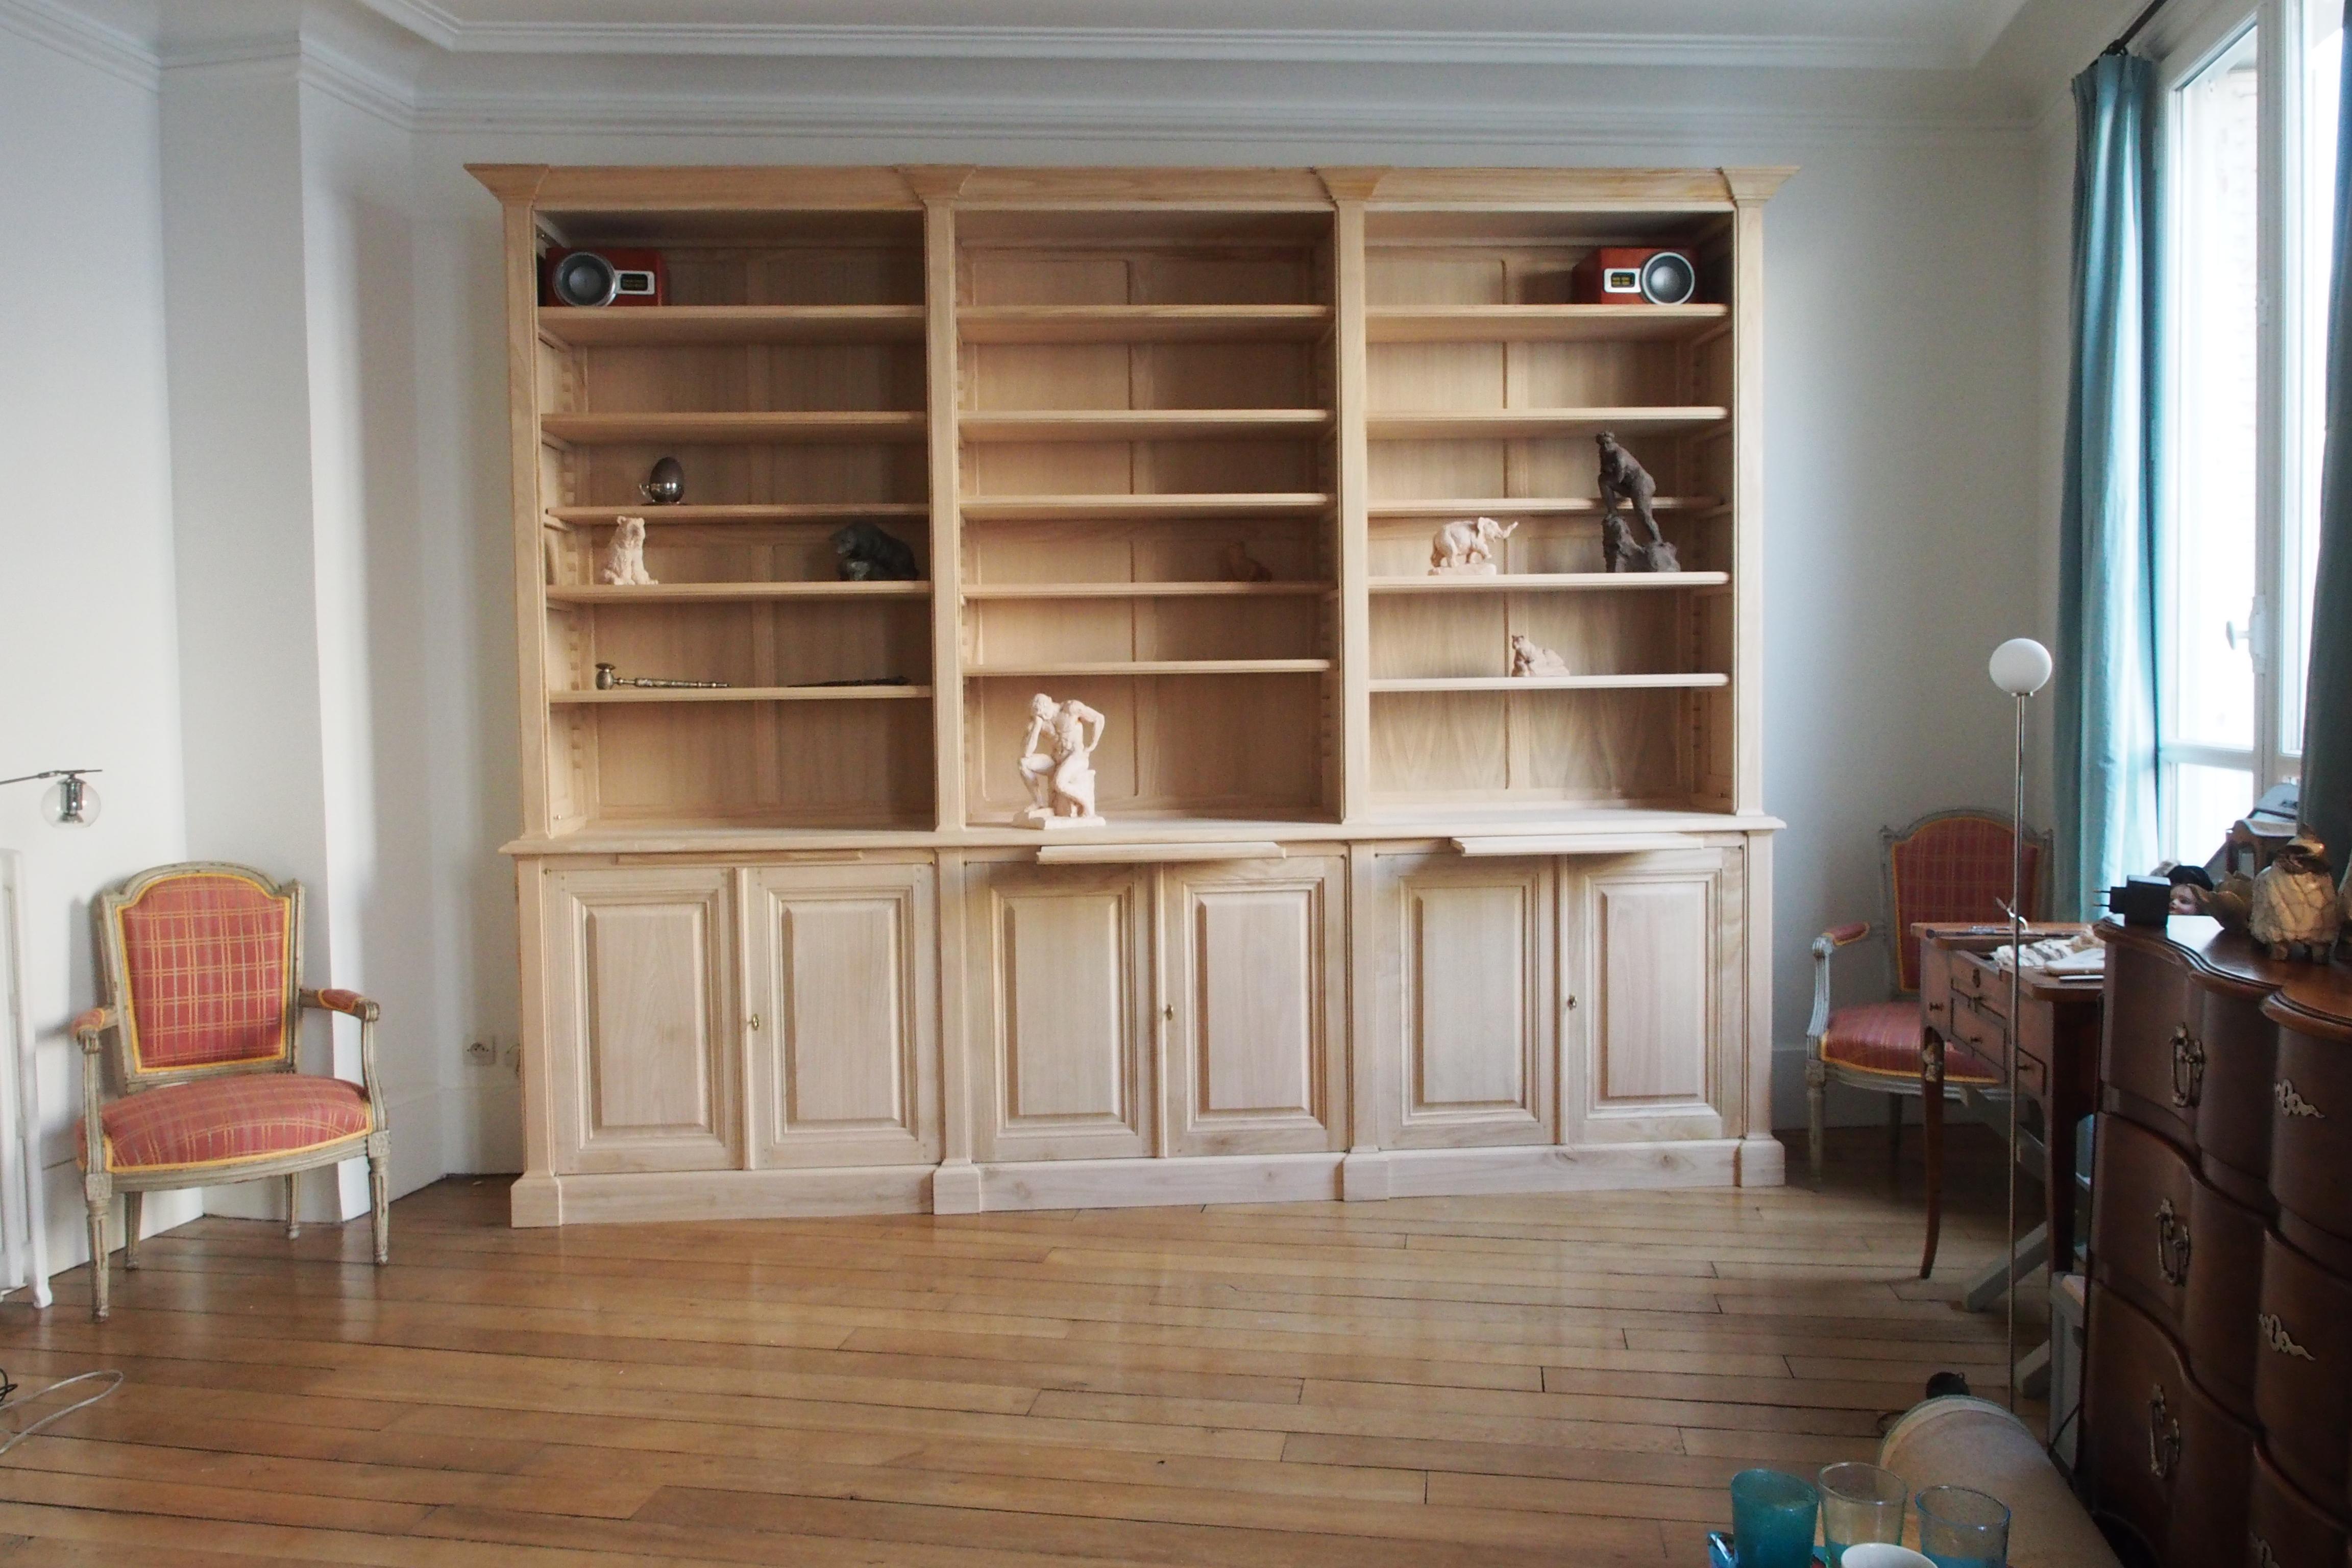 importante biblioth que de boiserie de style n o classique. Black Bedroom Furniture Sets. Home Design Ideas